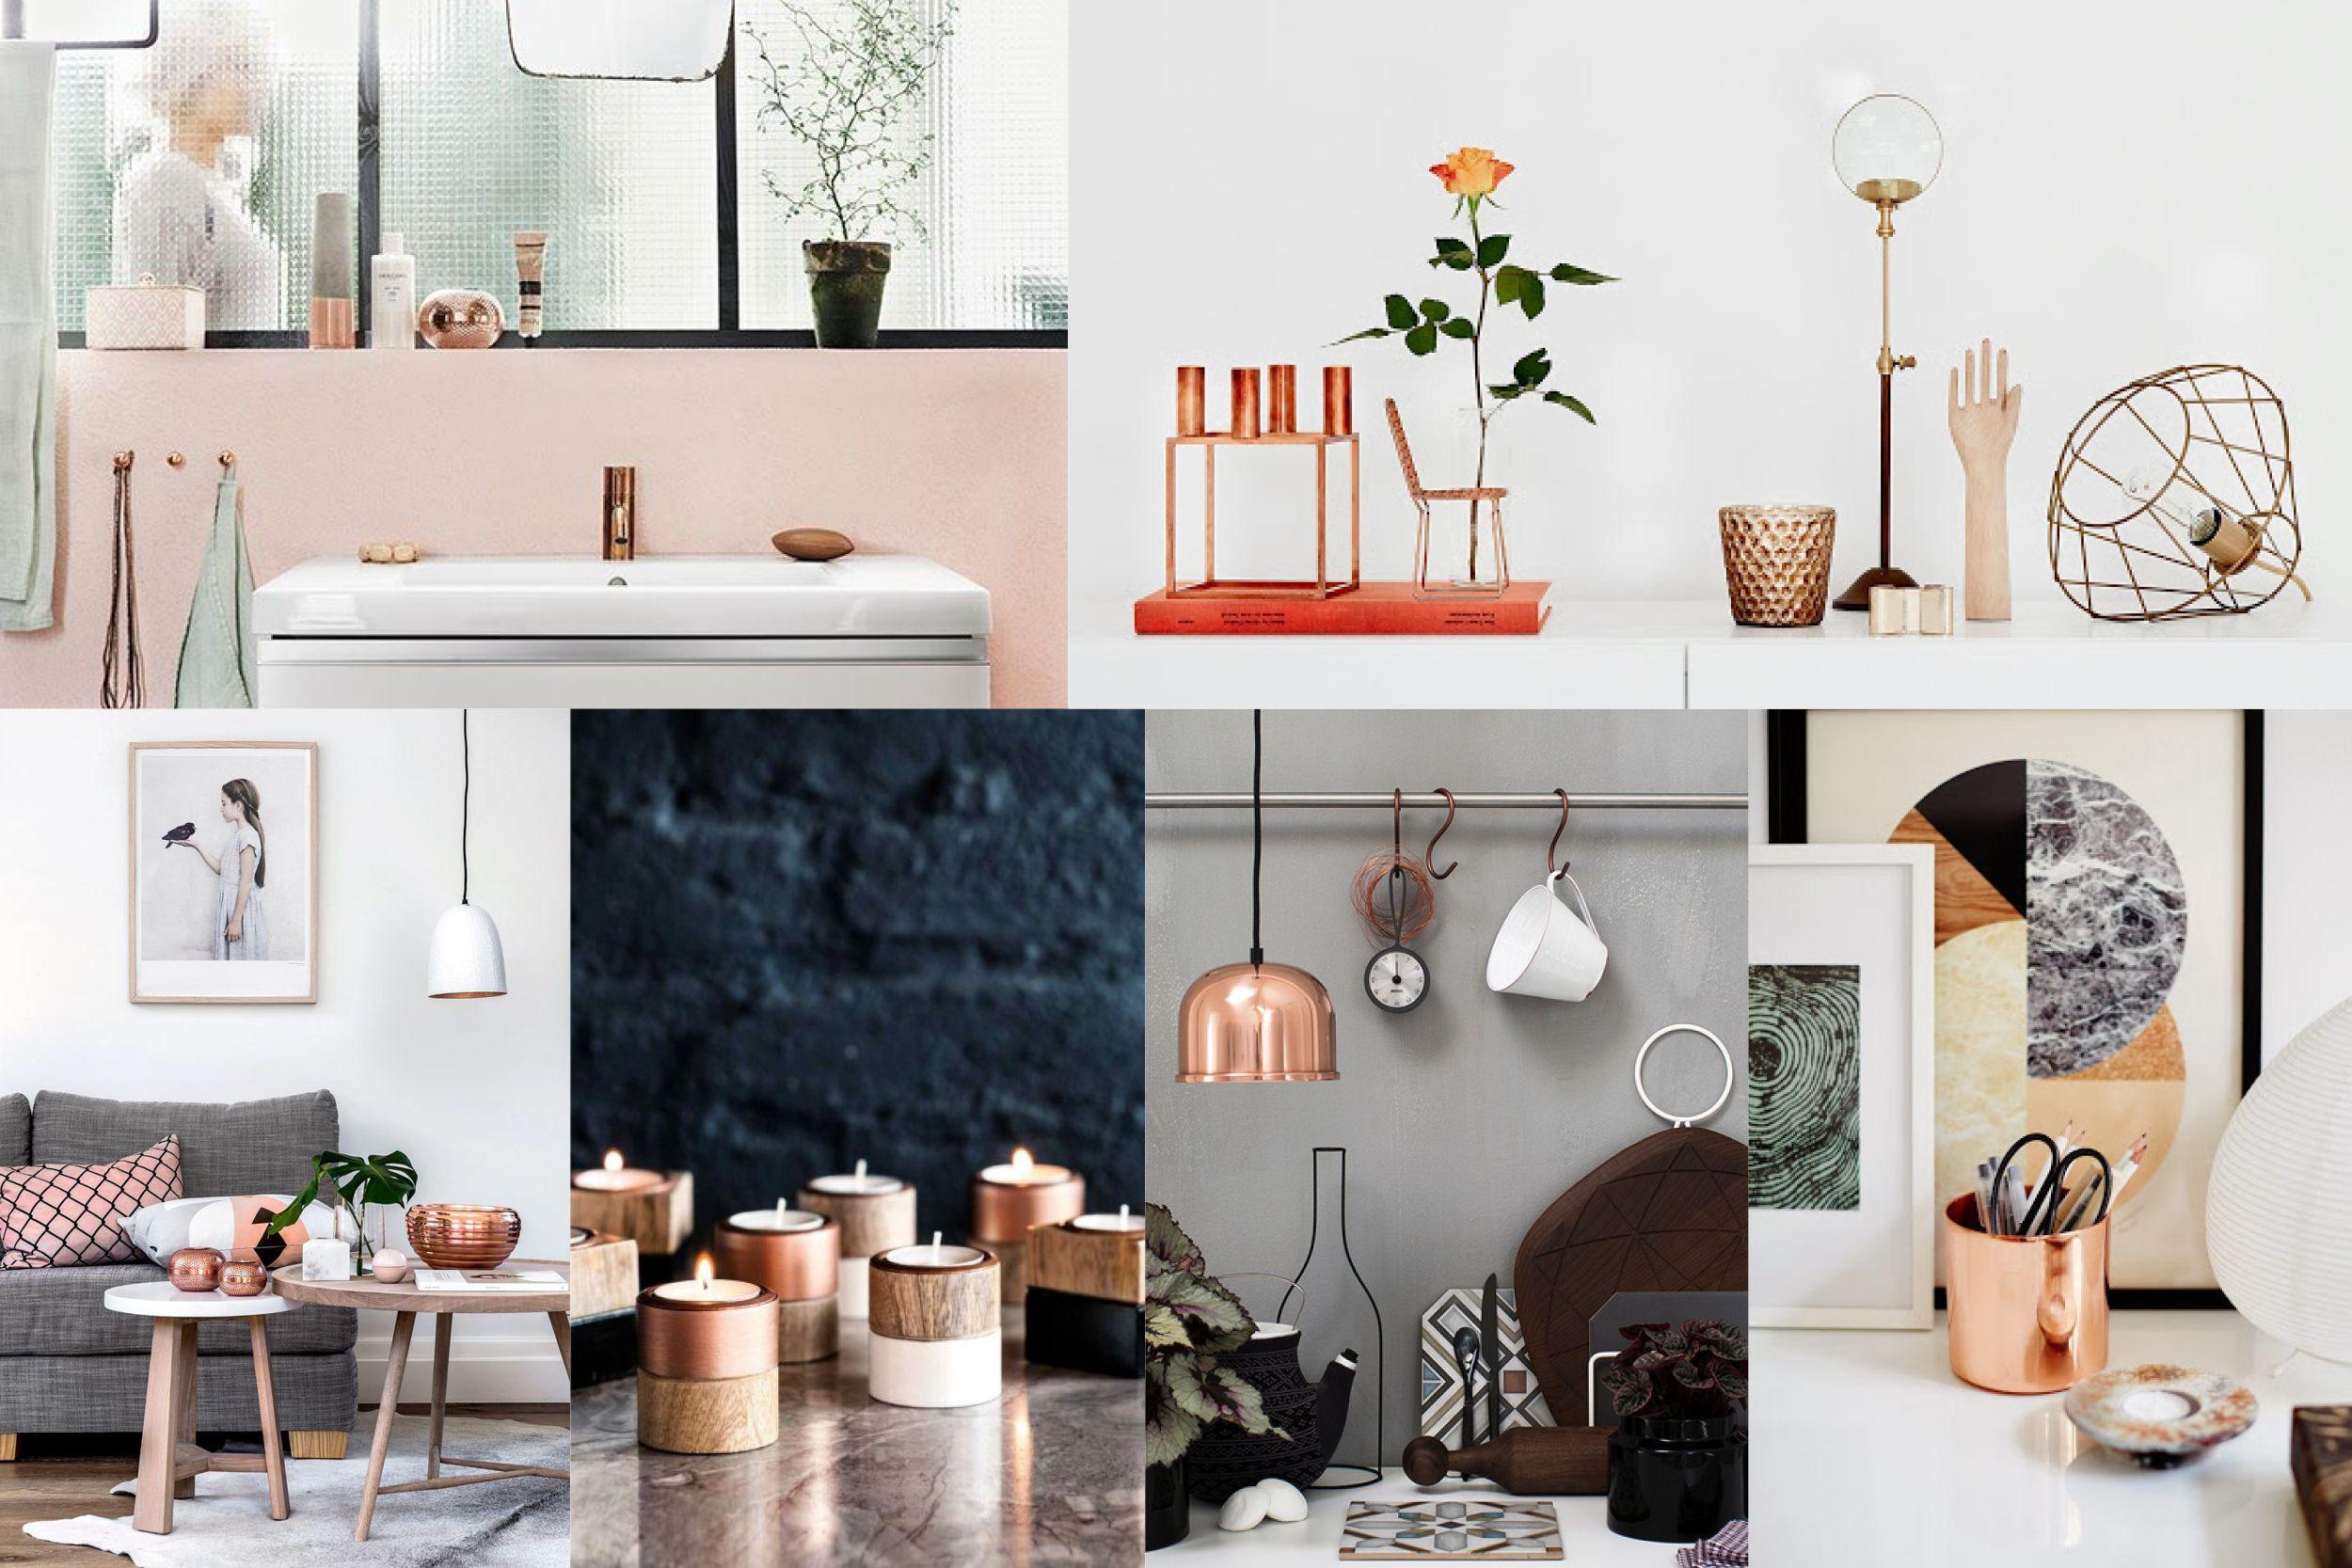 La tendance cuivre et laiton en d coration s a l o n s a l l e m a n g e r decoration - Deco salon cuivre ...